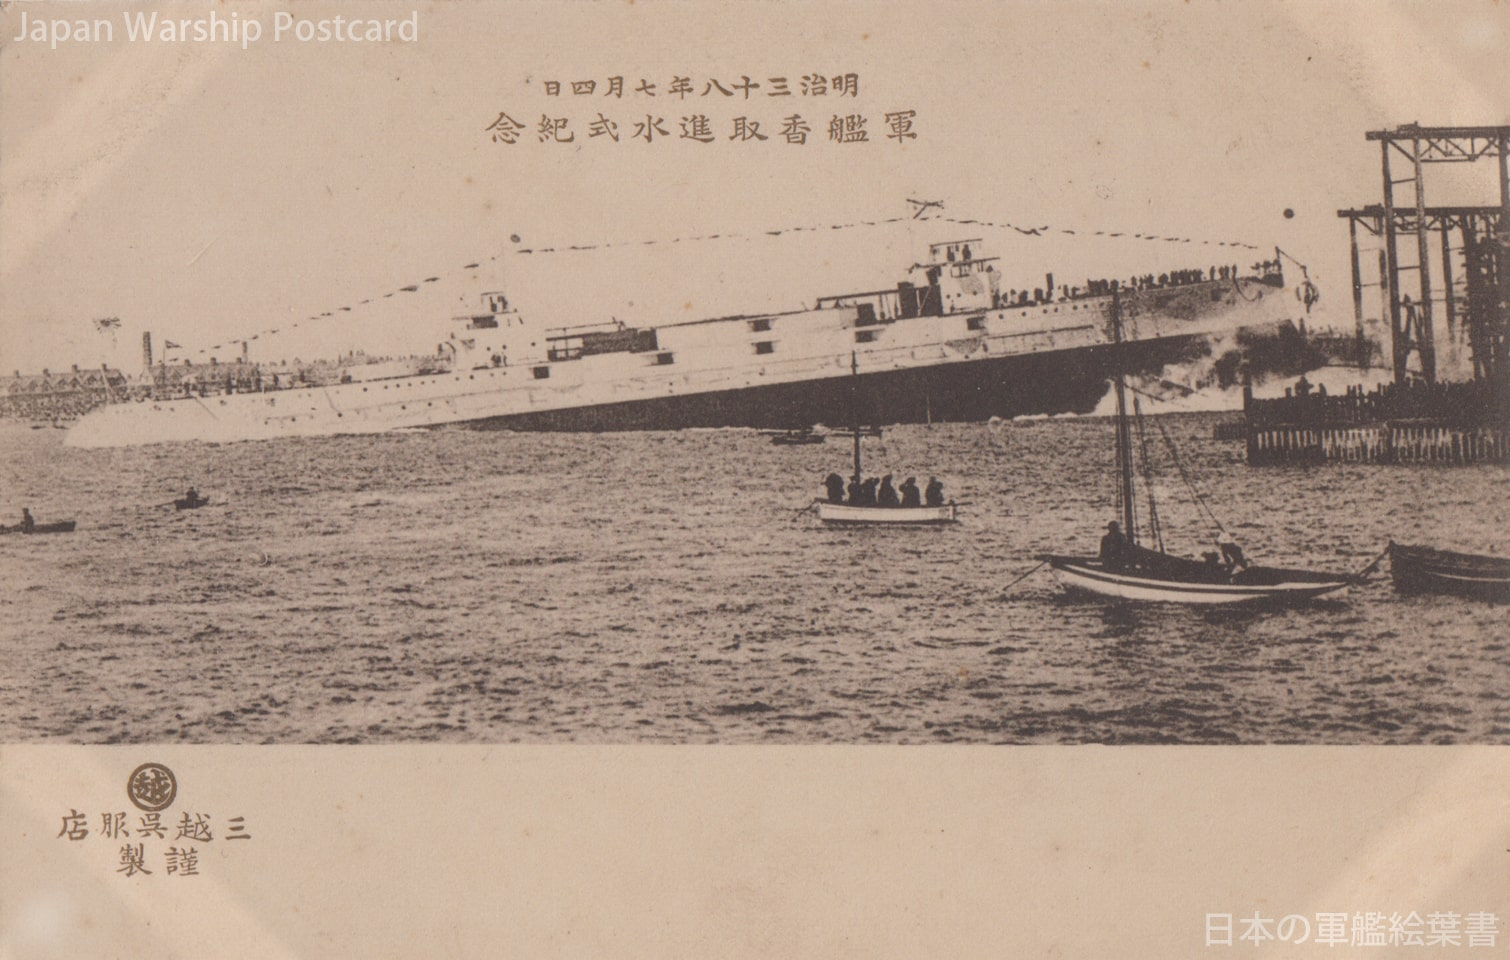 明治三十八年七月四日 軍艦香取進水式記念